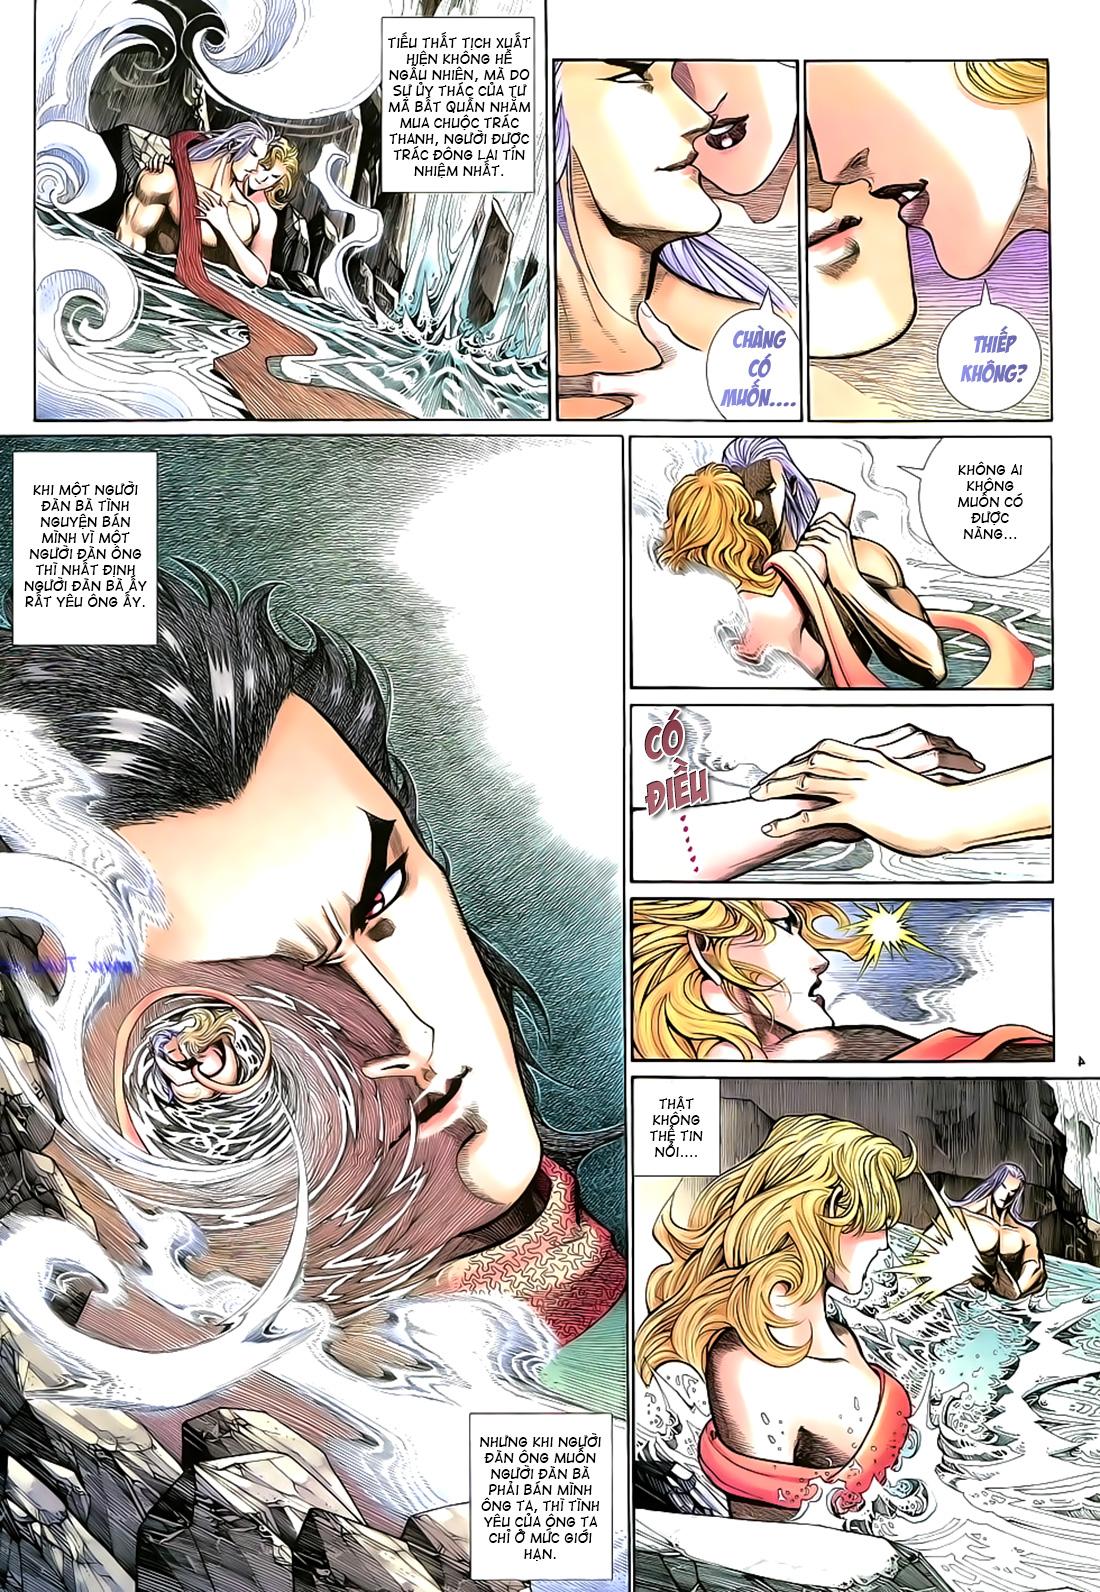 Anh hùng vô lệ Chap 17 trang 5